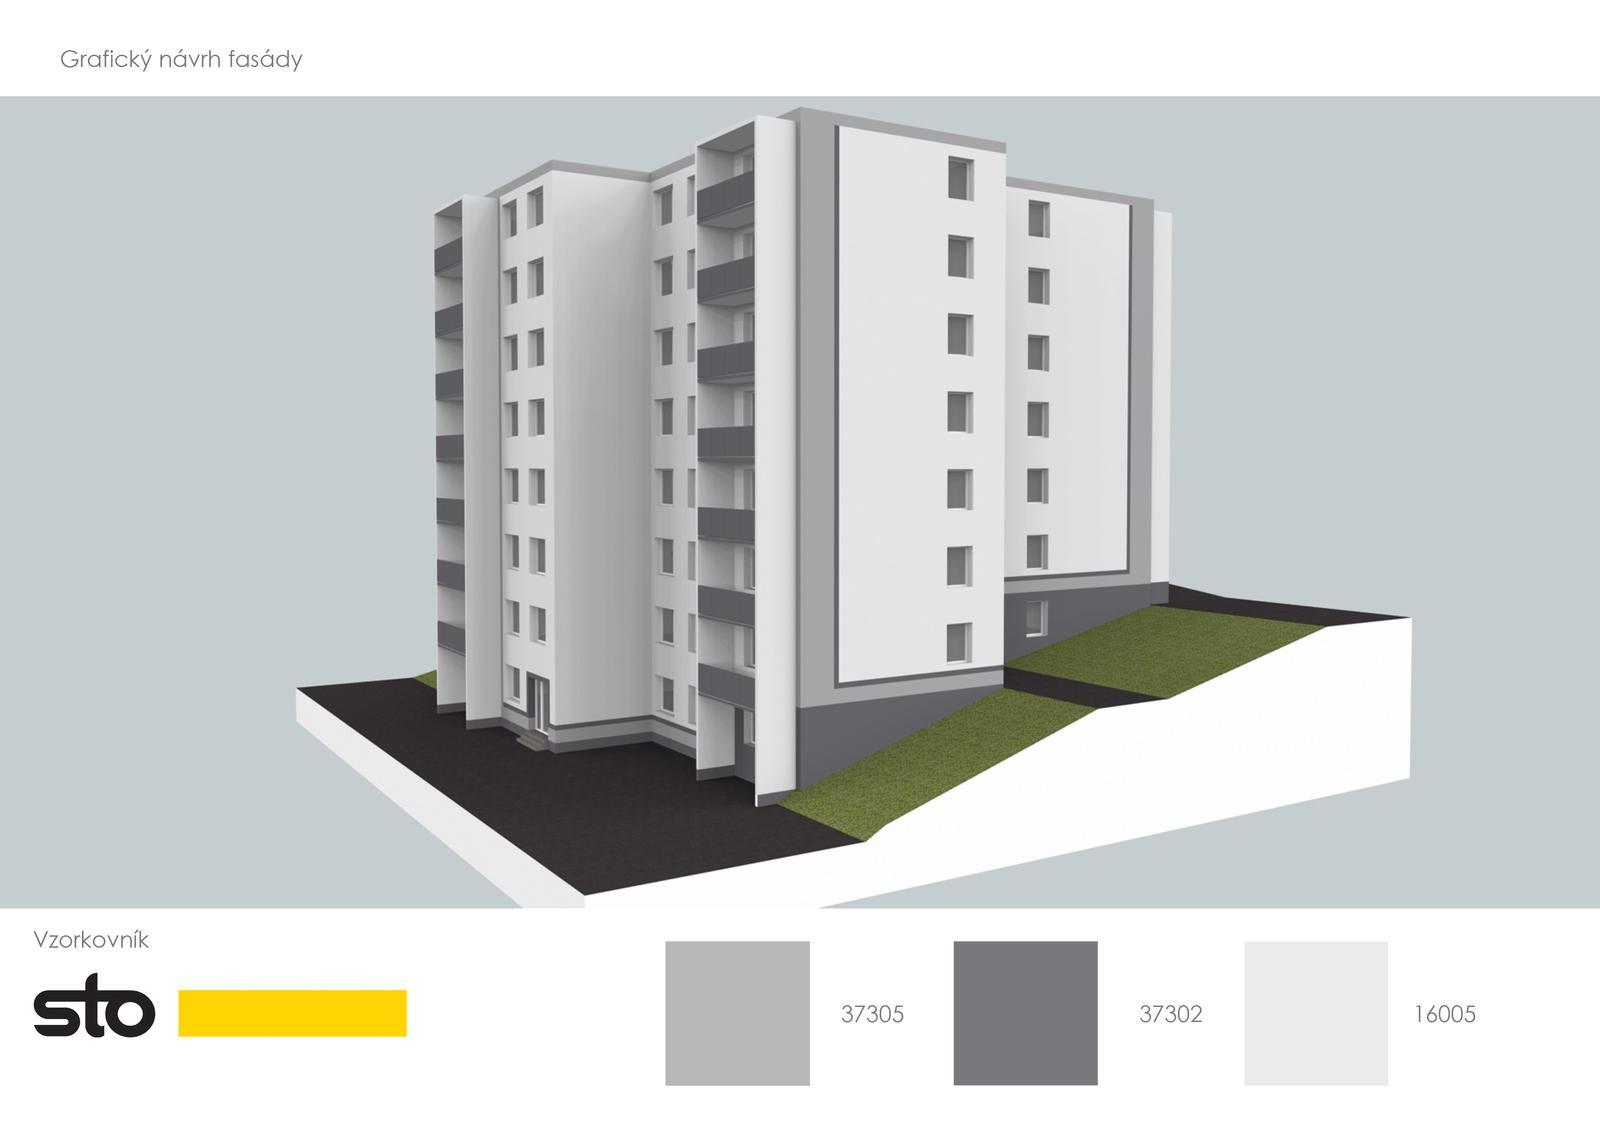 Prebiehajuce projekty - Finálny návrh fasády vybraný obyvateľmi domu.